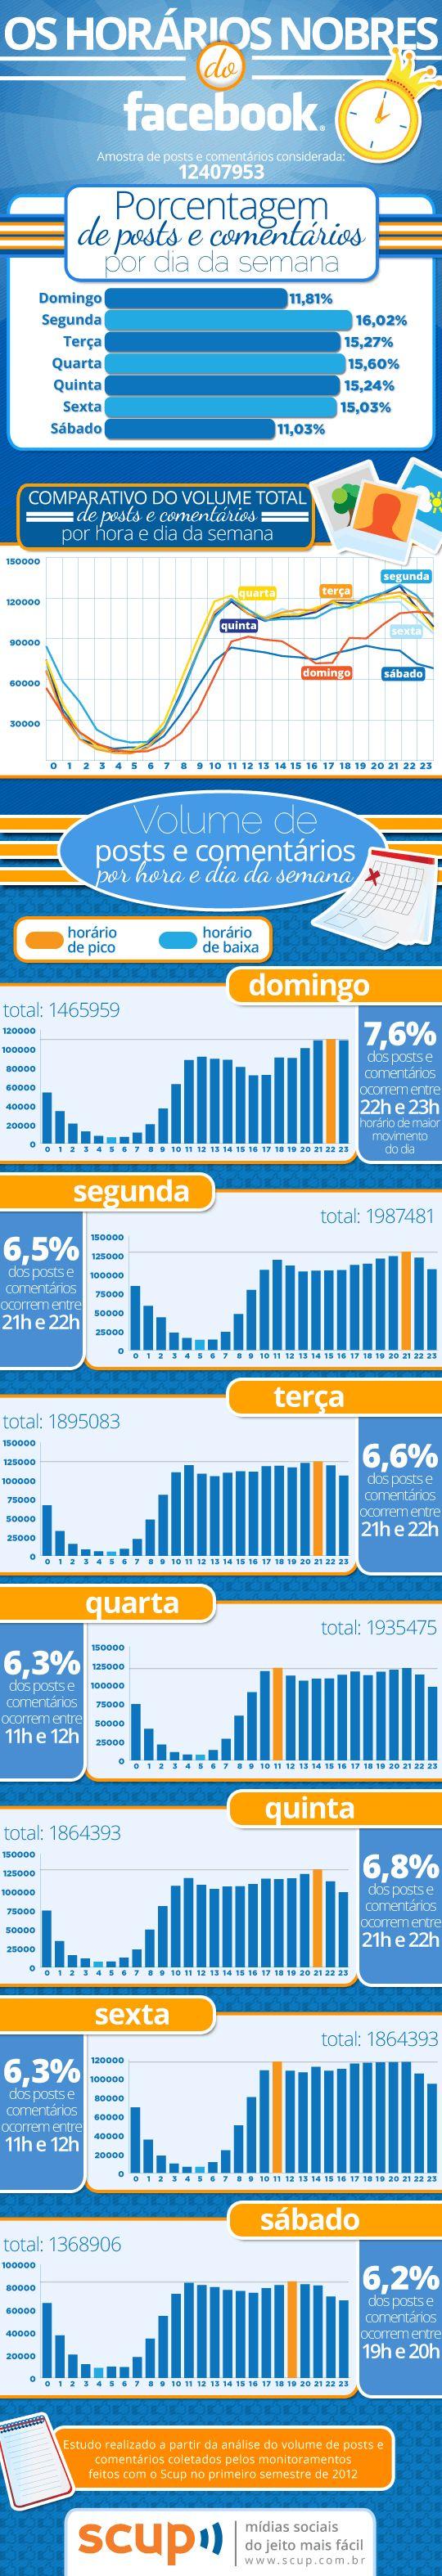 infografico horario nobre do facebook